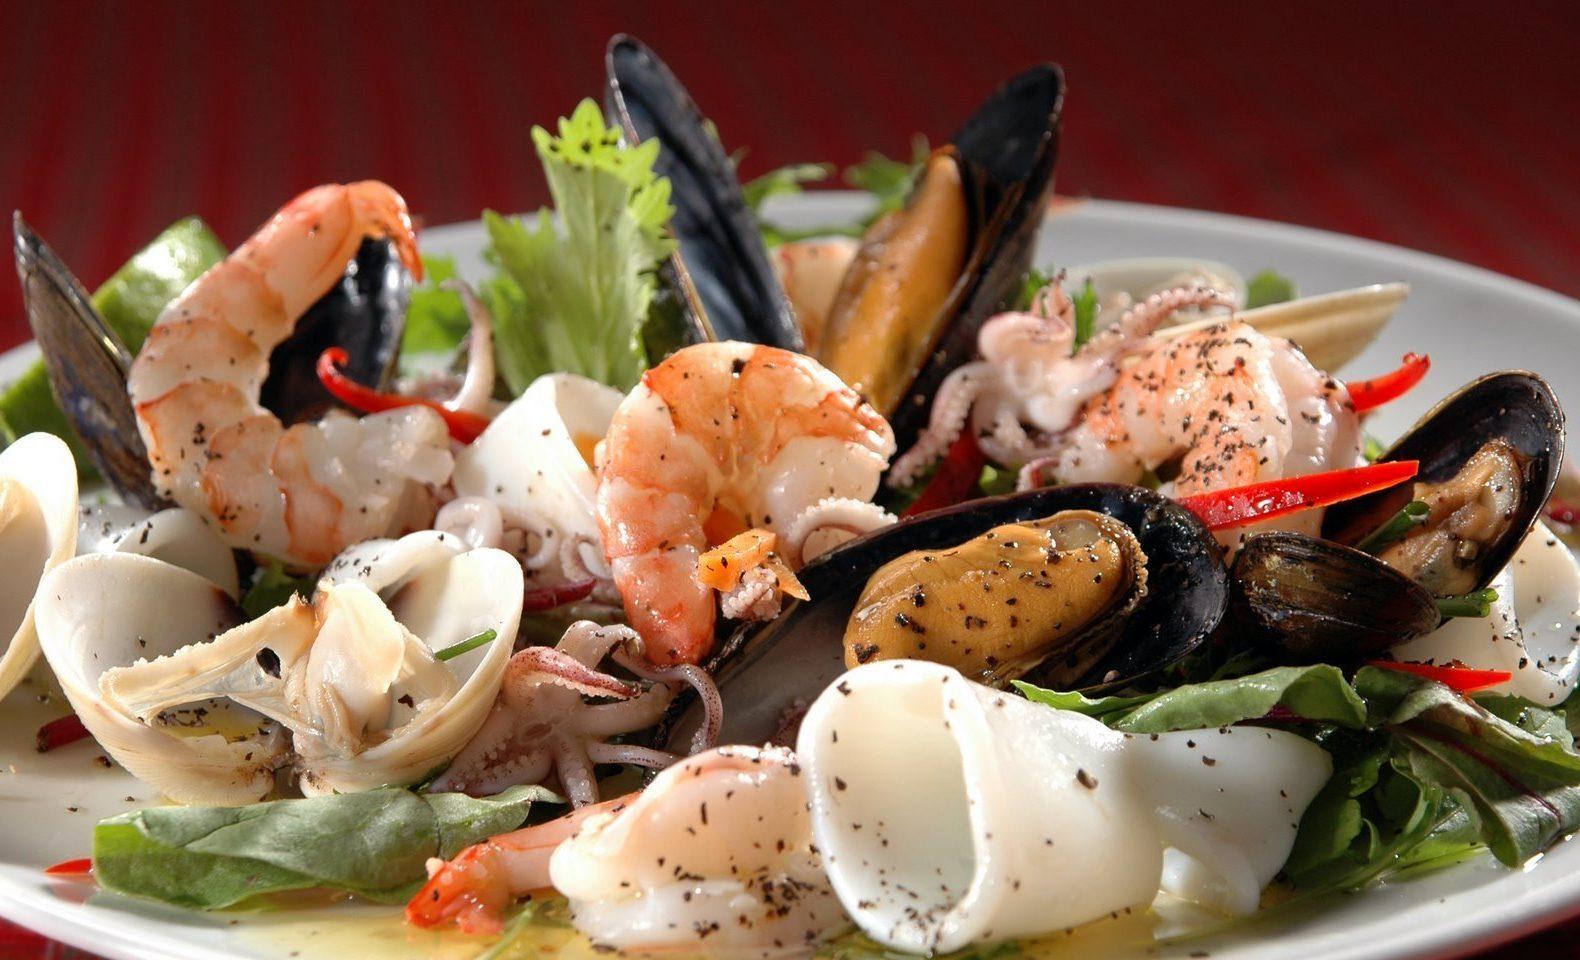 При систематическом потреблении морской пищи усиливается эрекция